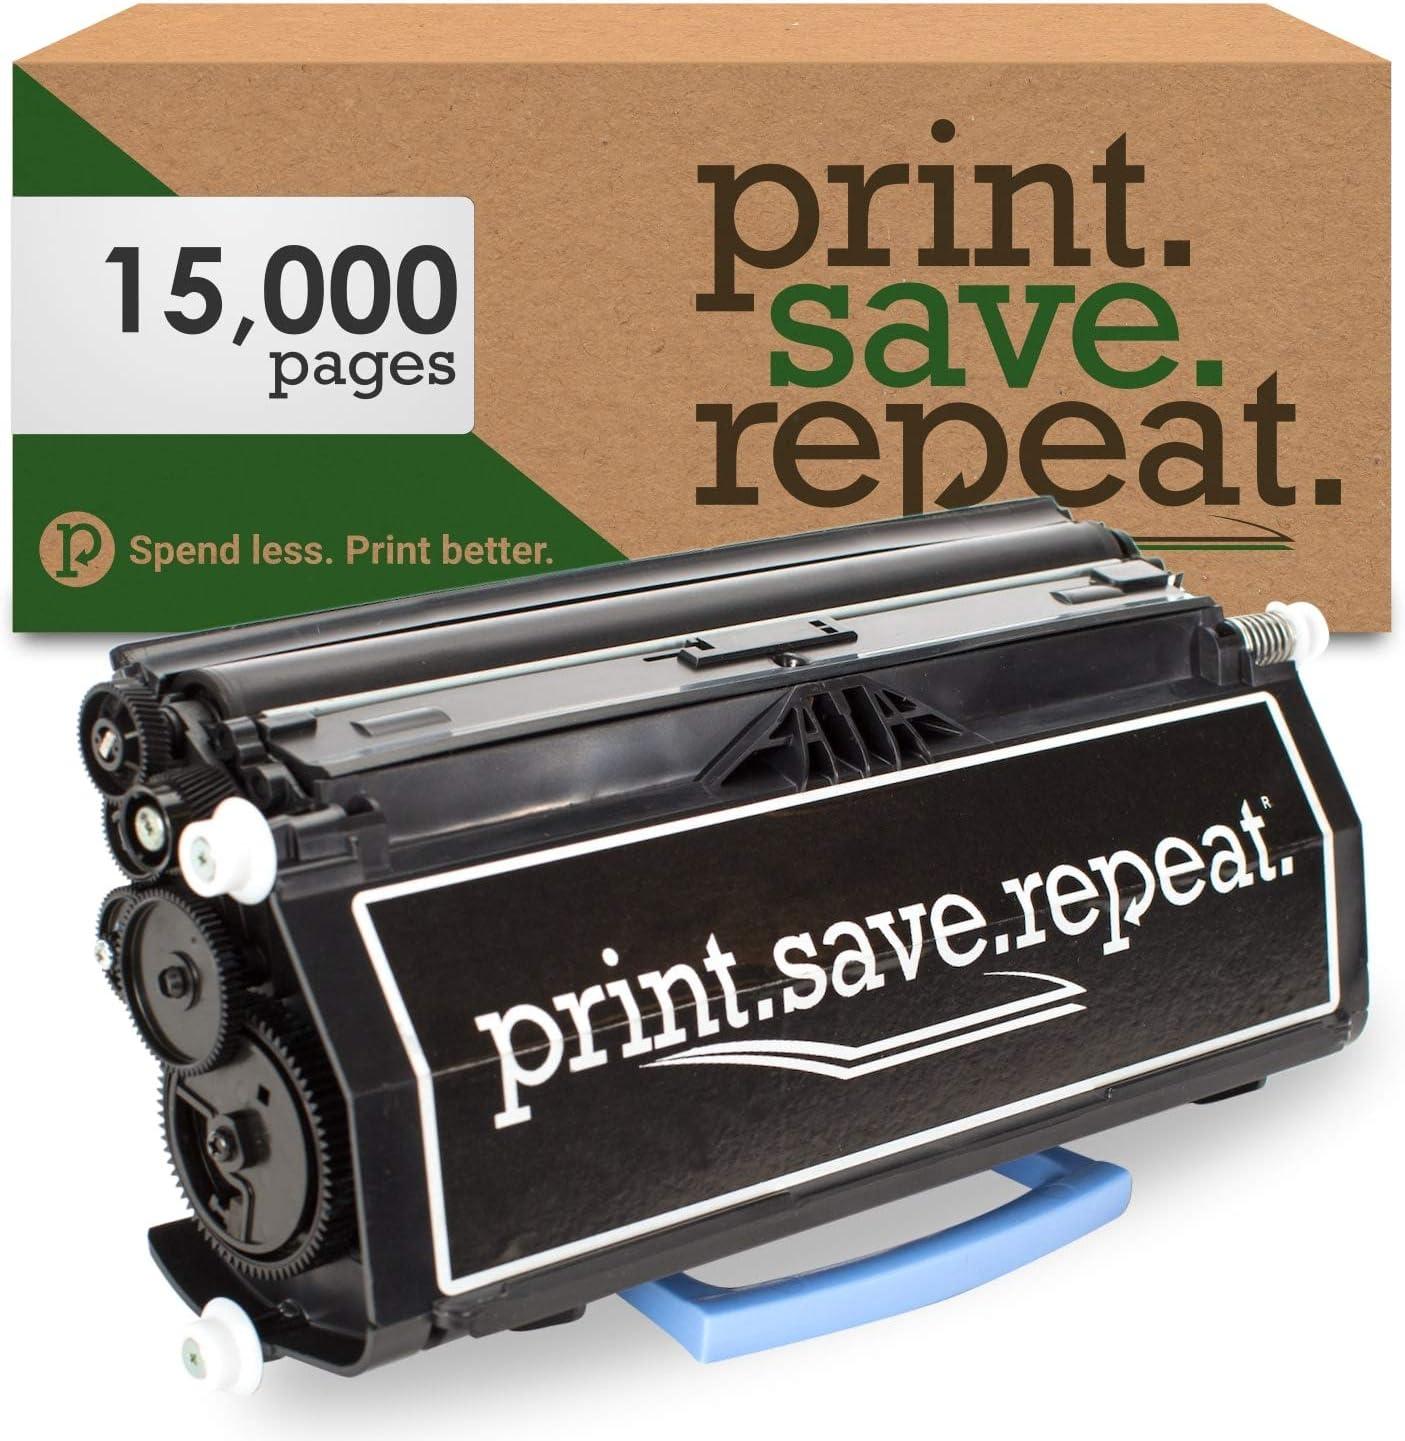 直営限定アウトレット Print.Save.Repeat. Lexmark バーゲンセール 24B1236 Extra Remanufactur High Yield